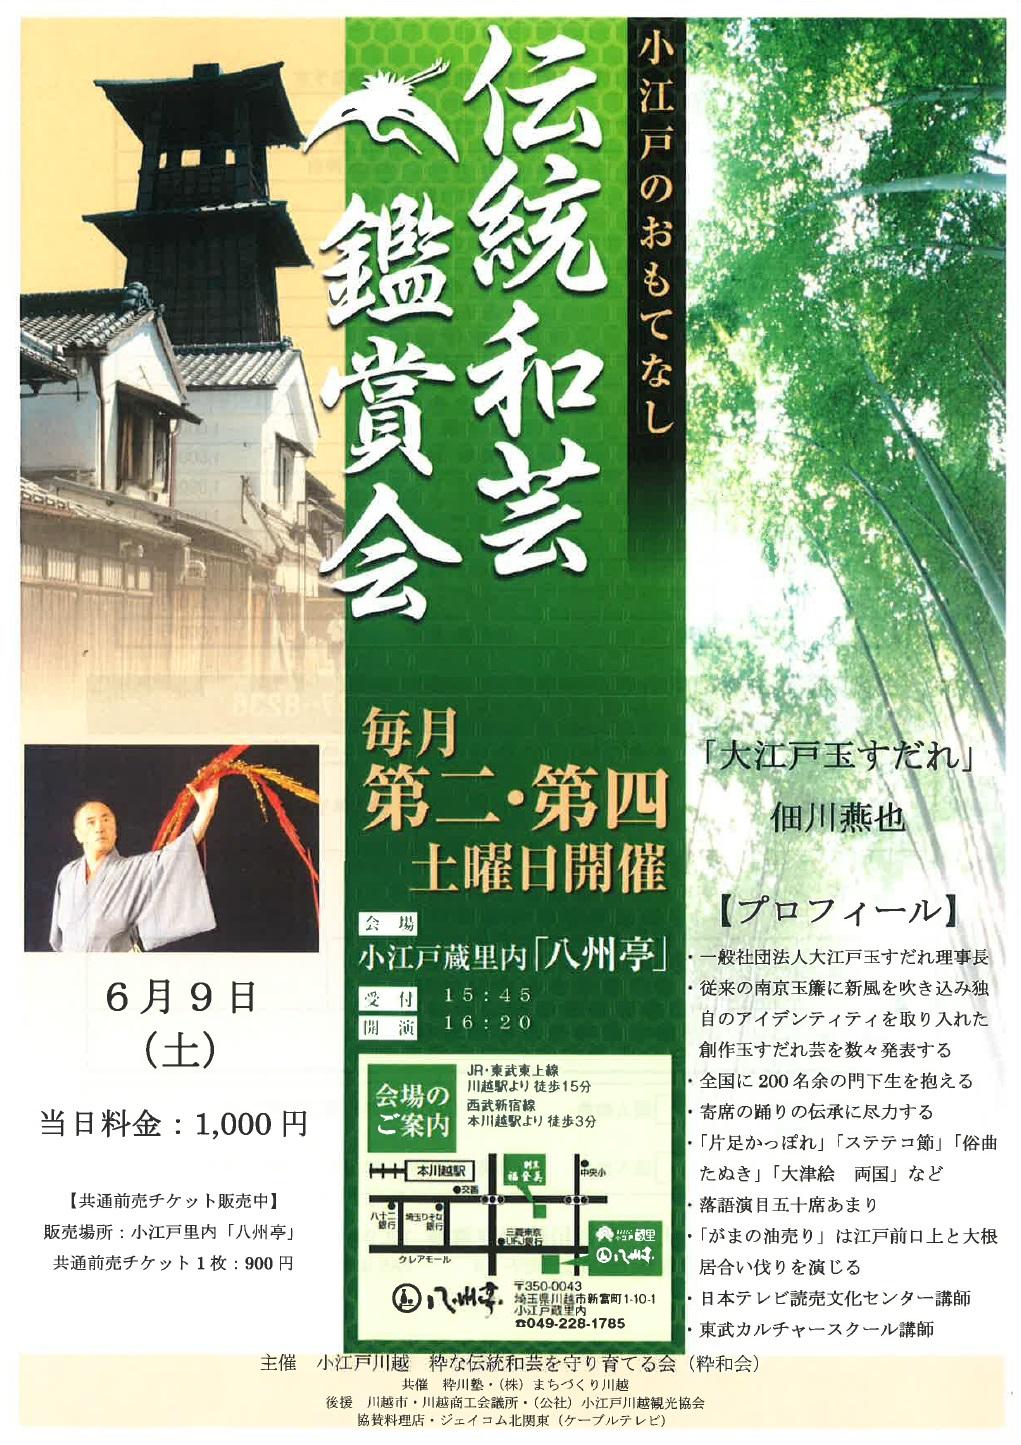 伝統和芸鑑賞会~佃川燕也 大江戸玉すだれ~